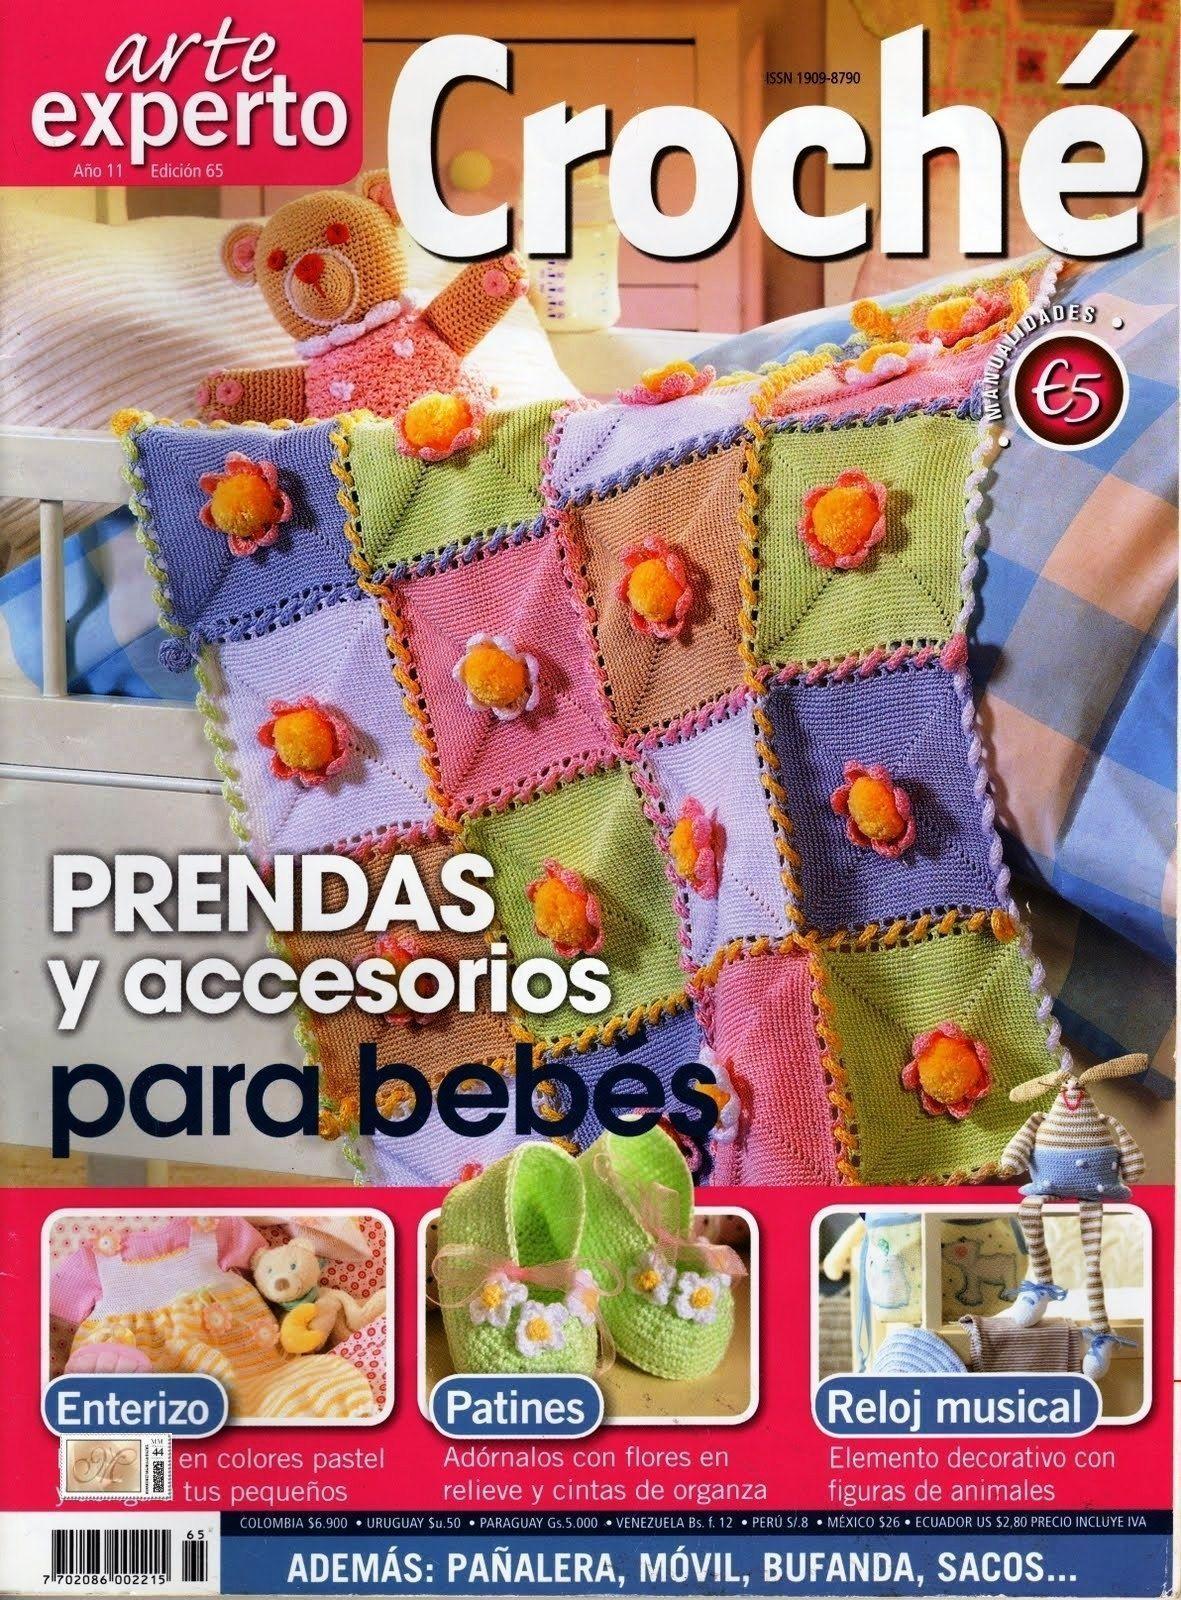 Snap Bluma Ropa y accesorios para chicos y bebés Revista ... photos ... 6c876db42d85